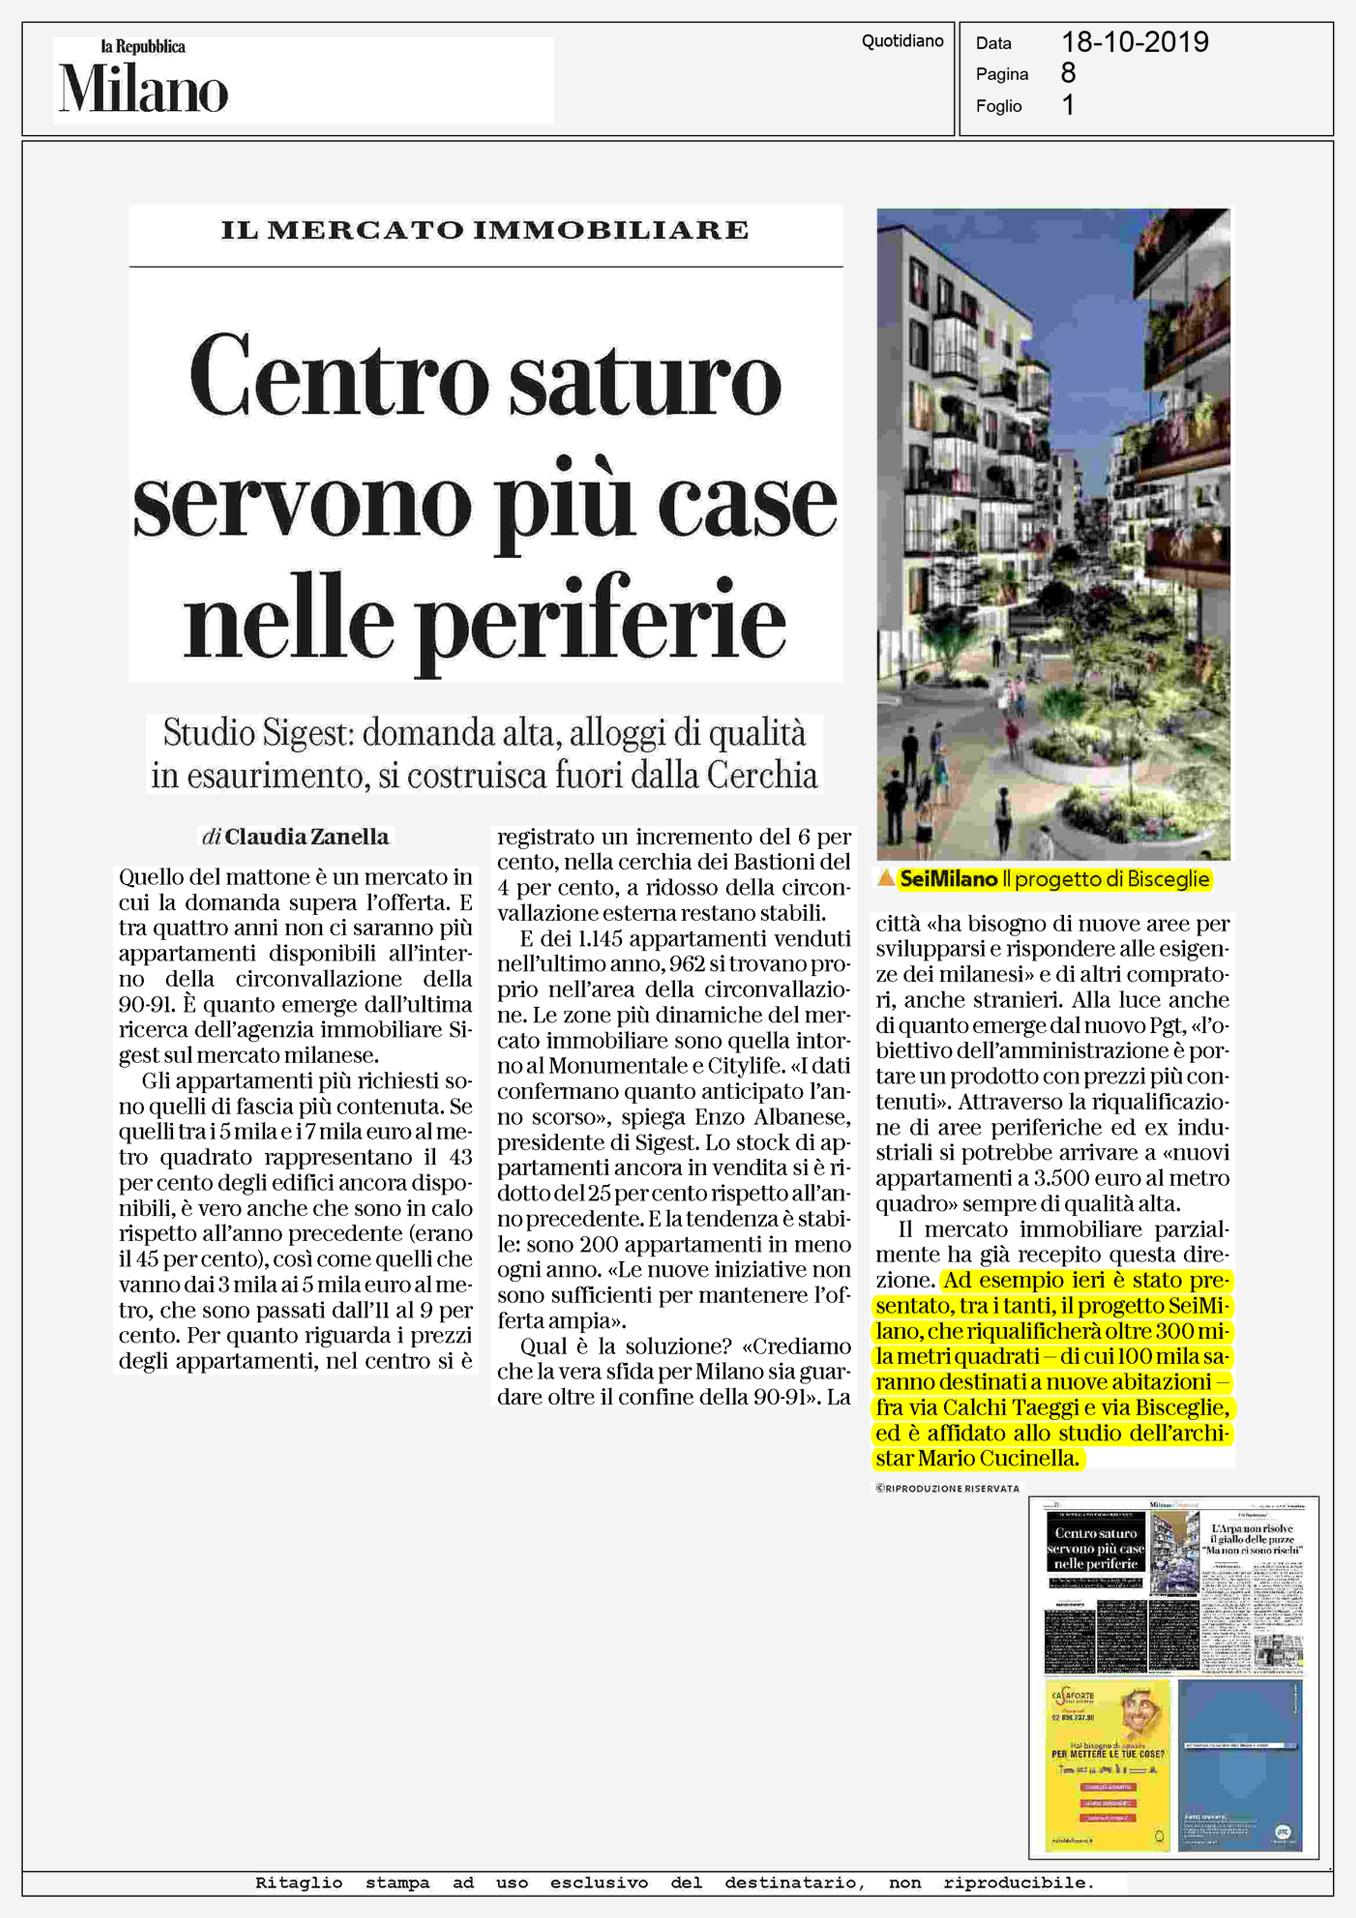 SeiMilano, oltre 500 residenze firmate Mario Cucinella